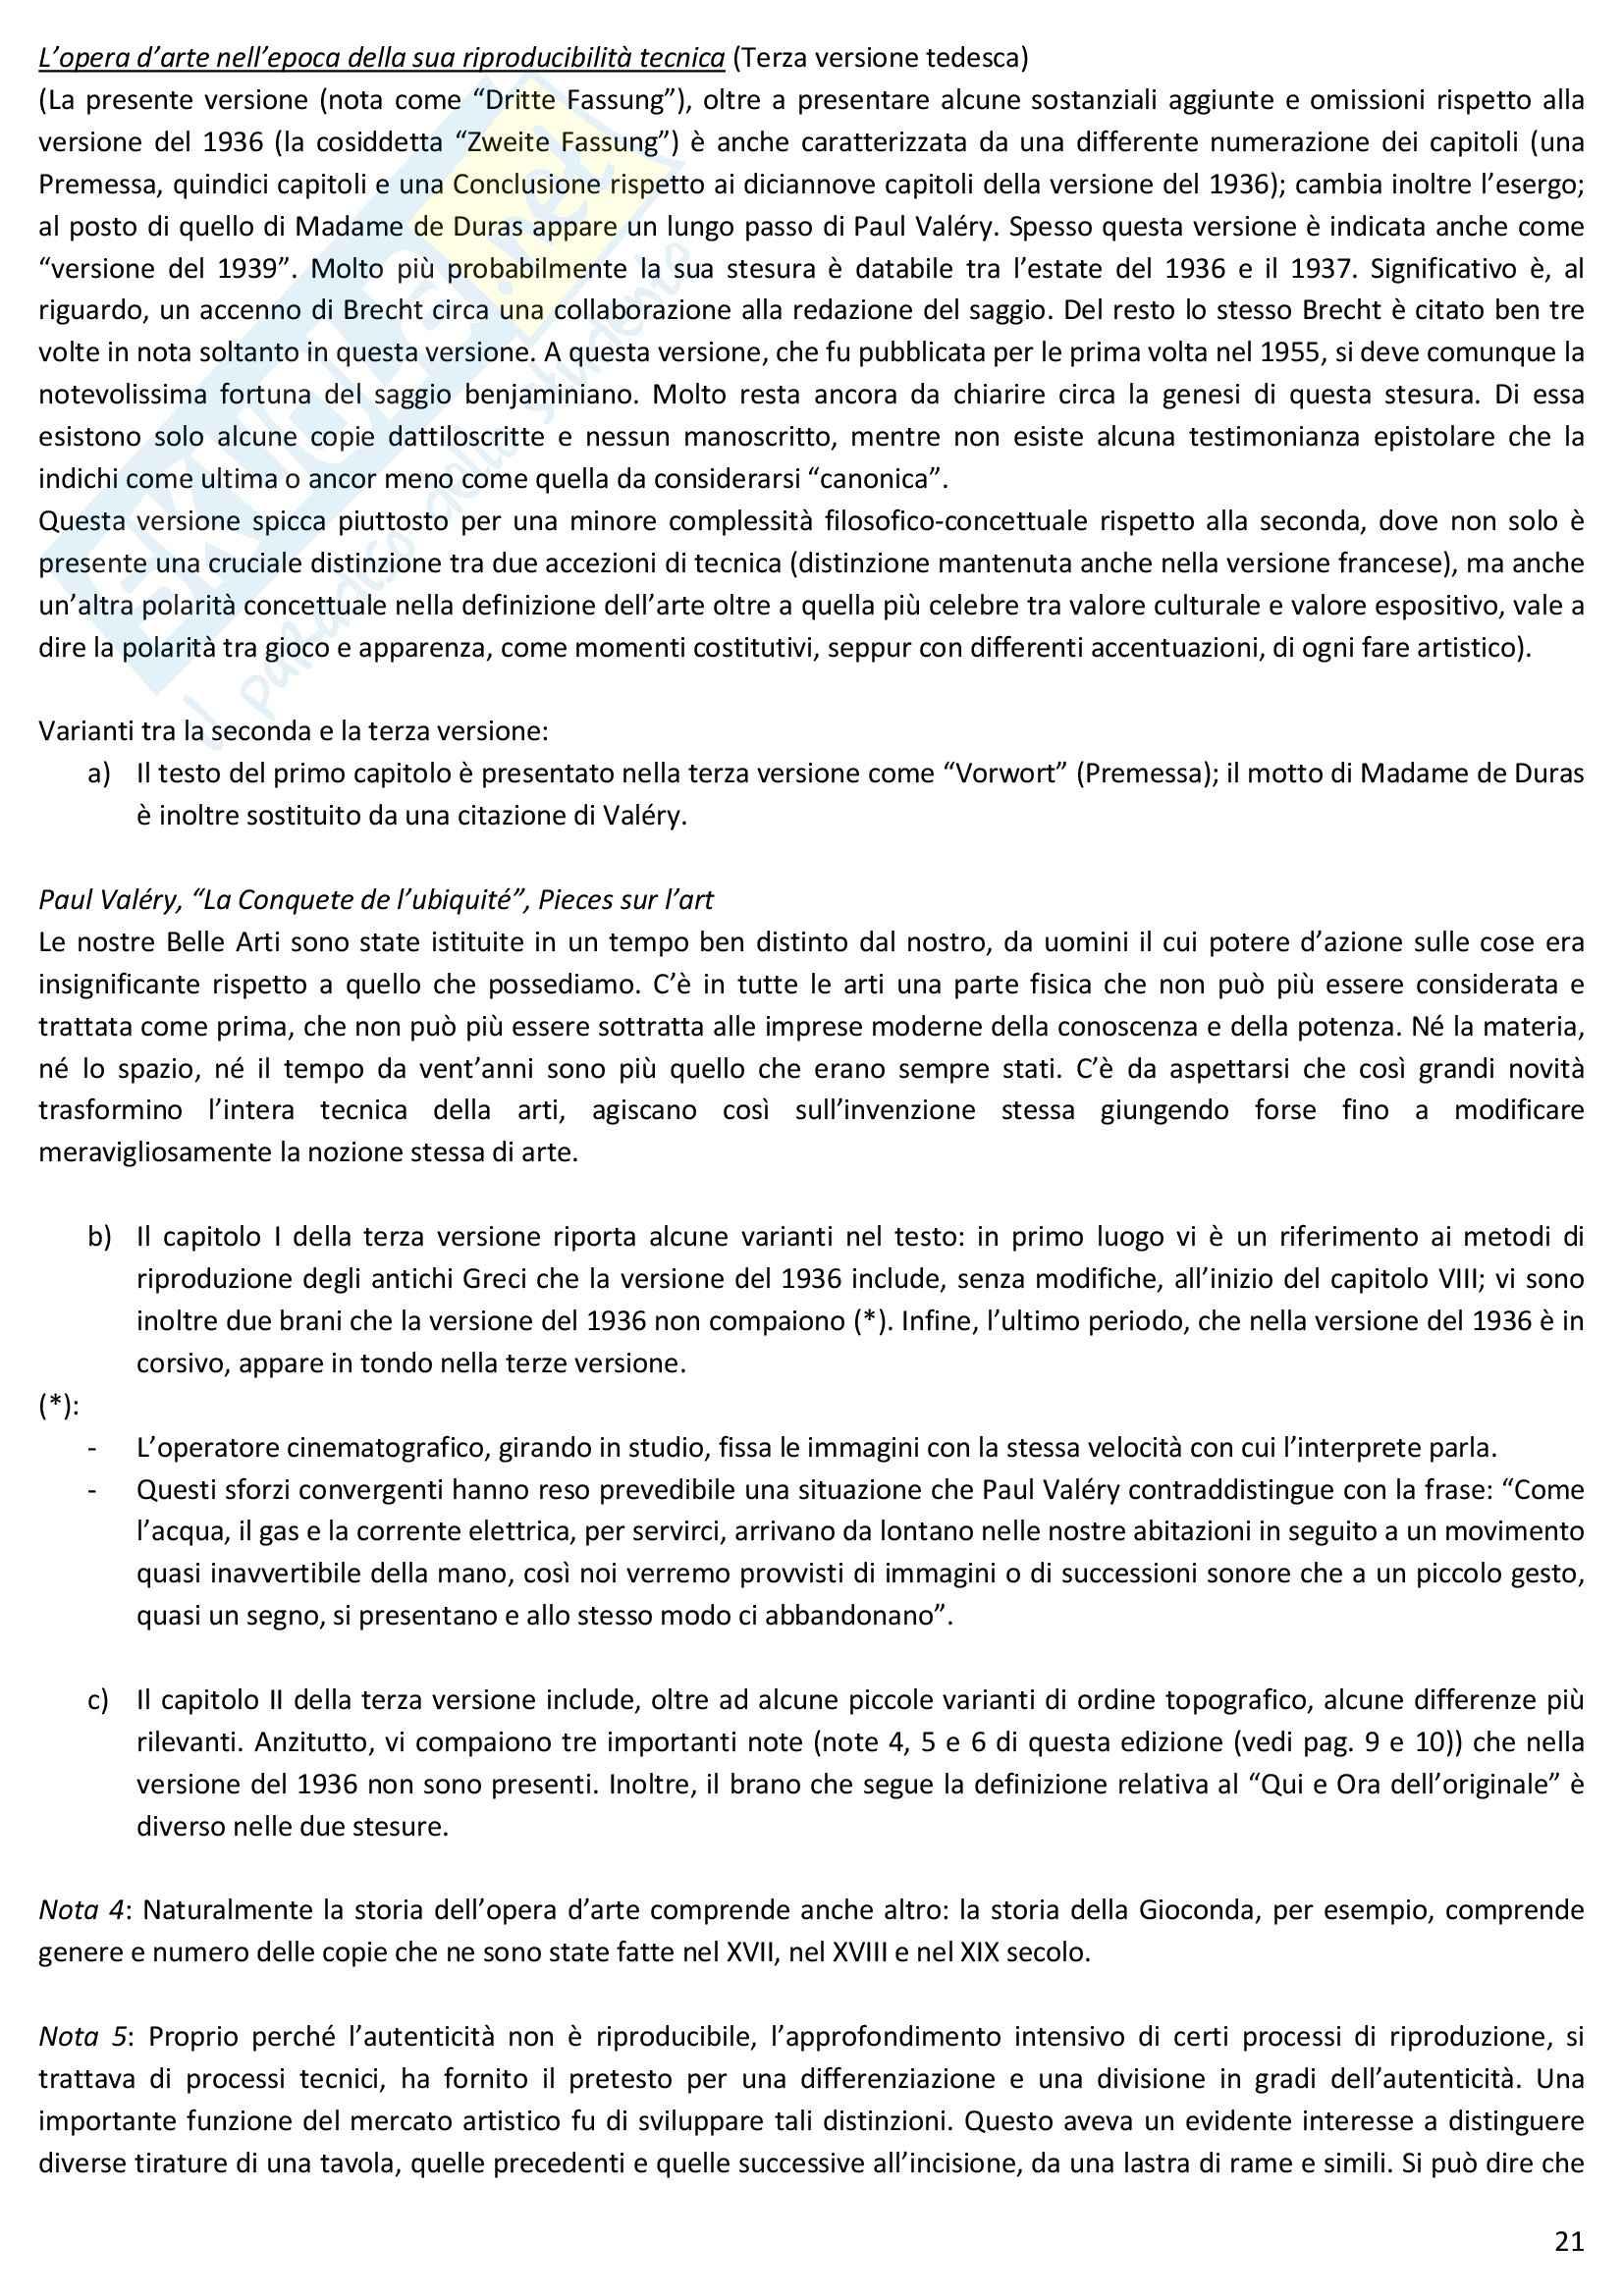 Riassunto esame Estetica, prof. Desideri, libro consigliato L'opera d'arte nell'epoca della sua riproducibilità tecnica, Benjamin Pag. 21